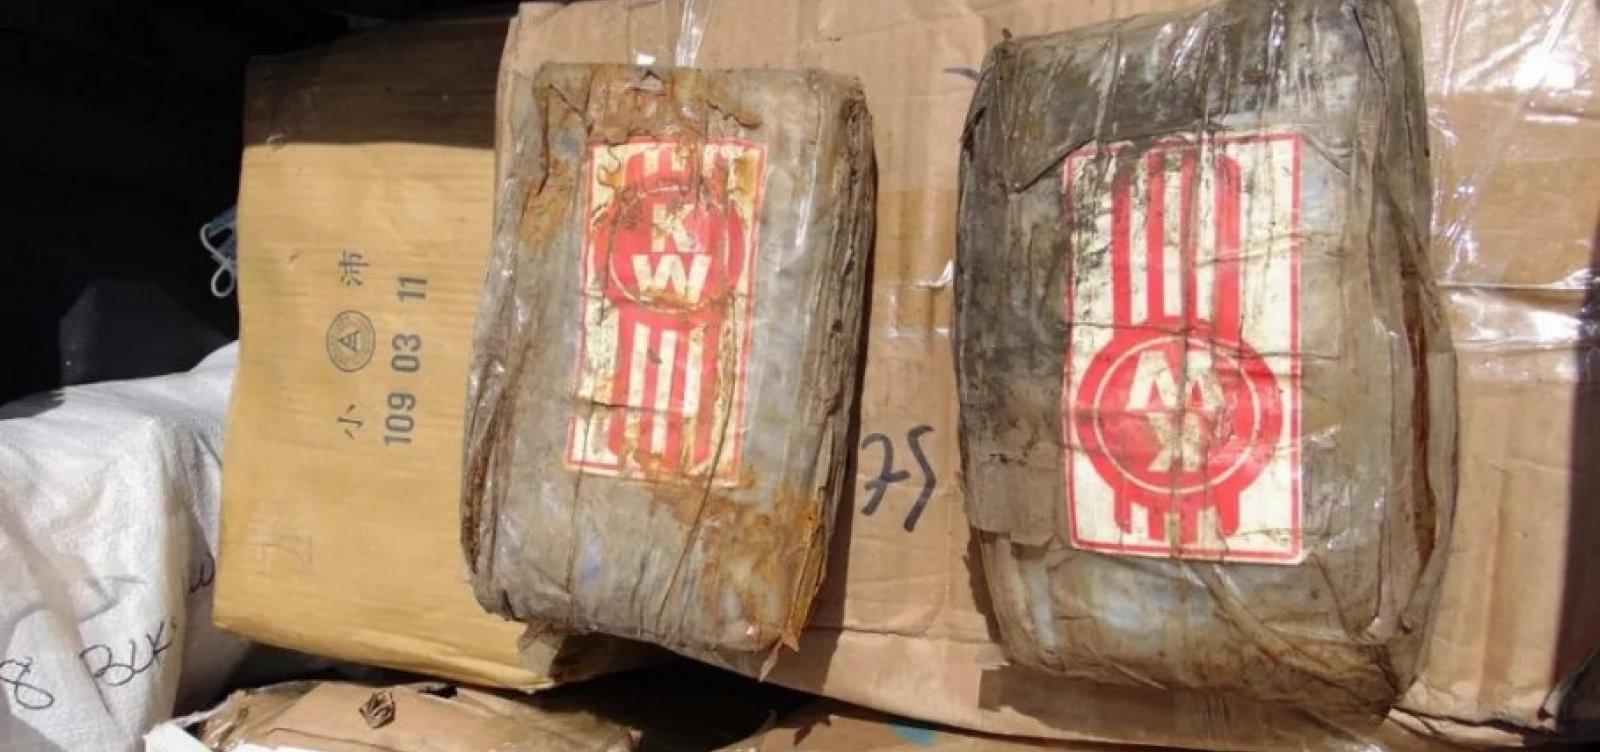 [Embarcação fantasma com mais de 600 kg de cocaína é encontrada à deriva no Pacífico]